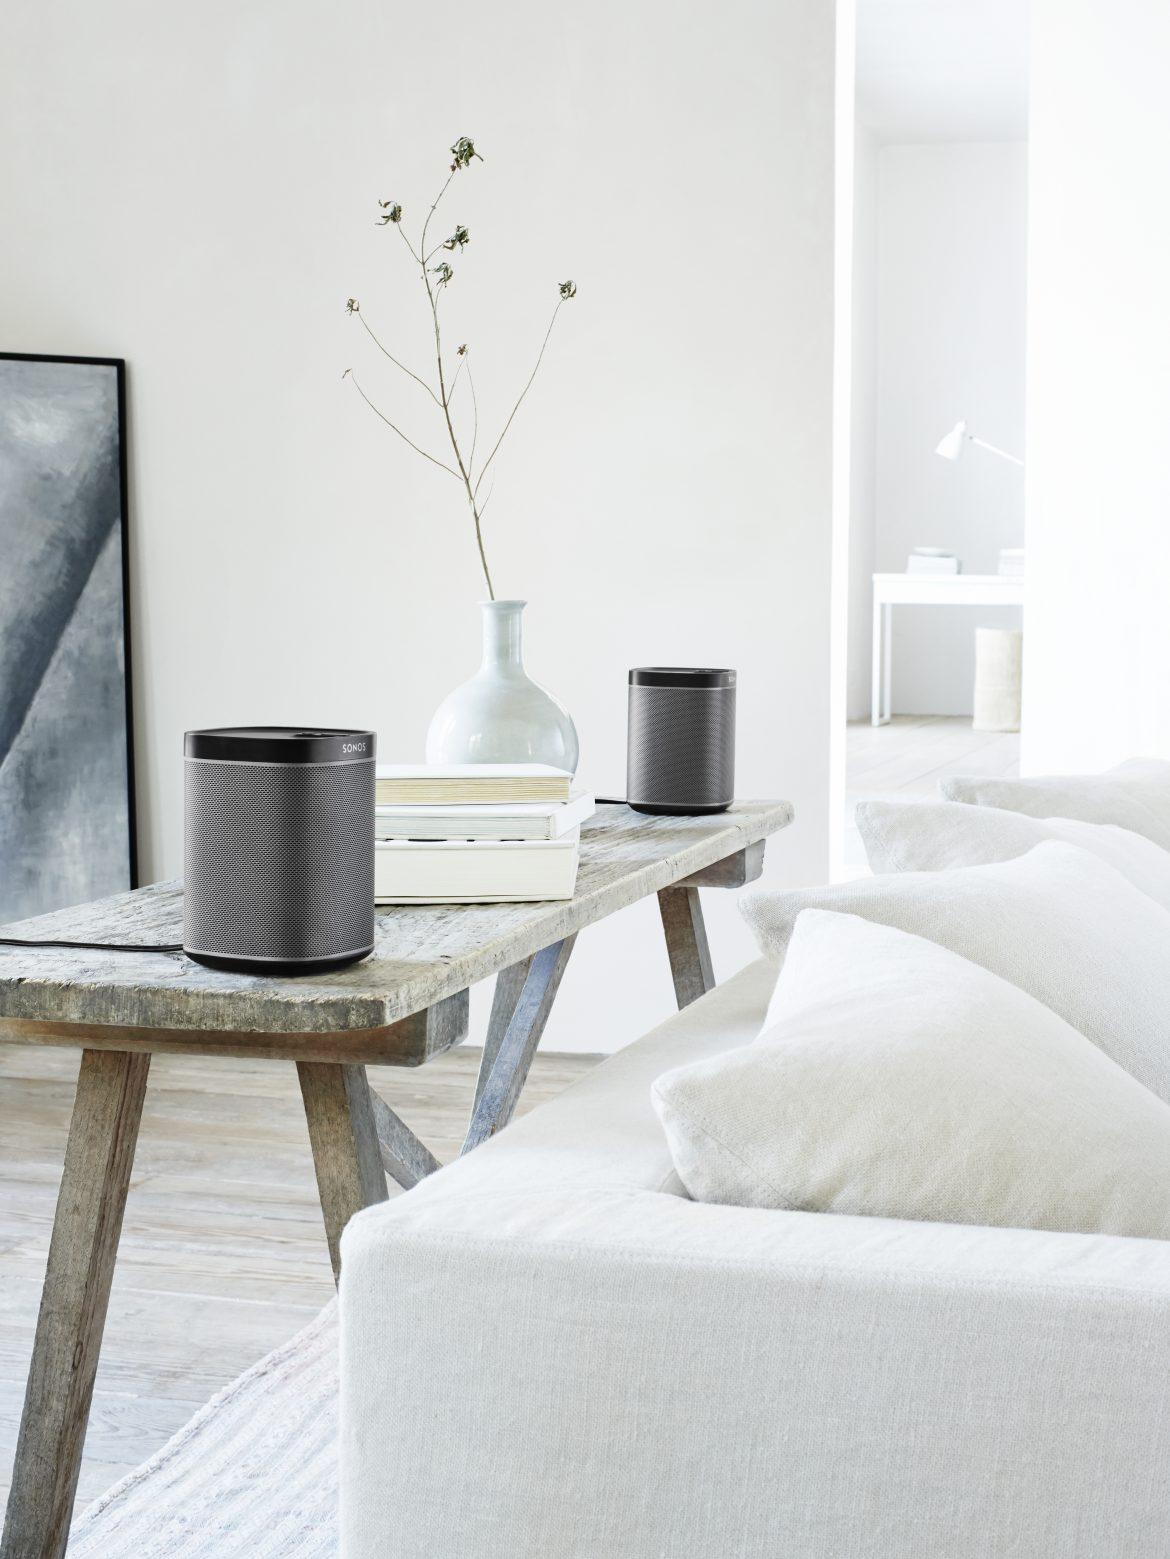 Overal muziek in huis? Kies de ideale opstelling met de draadloze luidsprekers van Sonos Play.